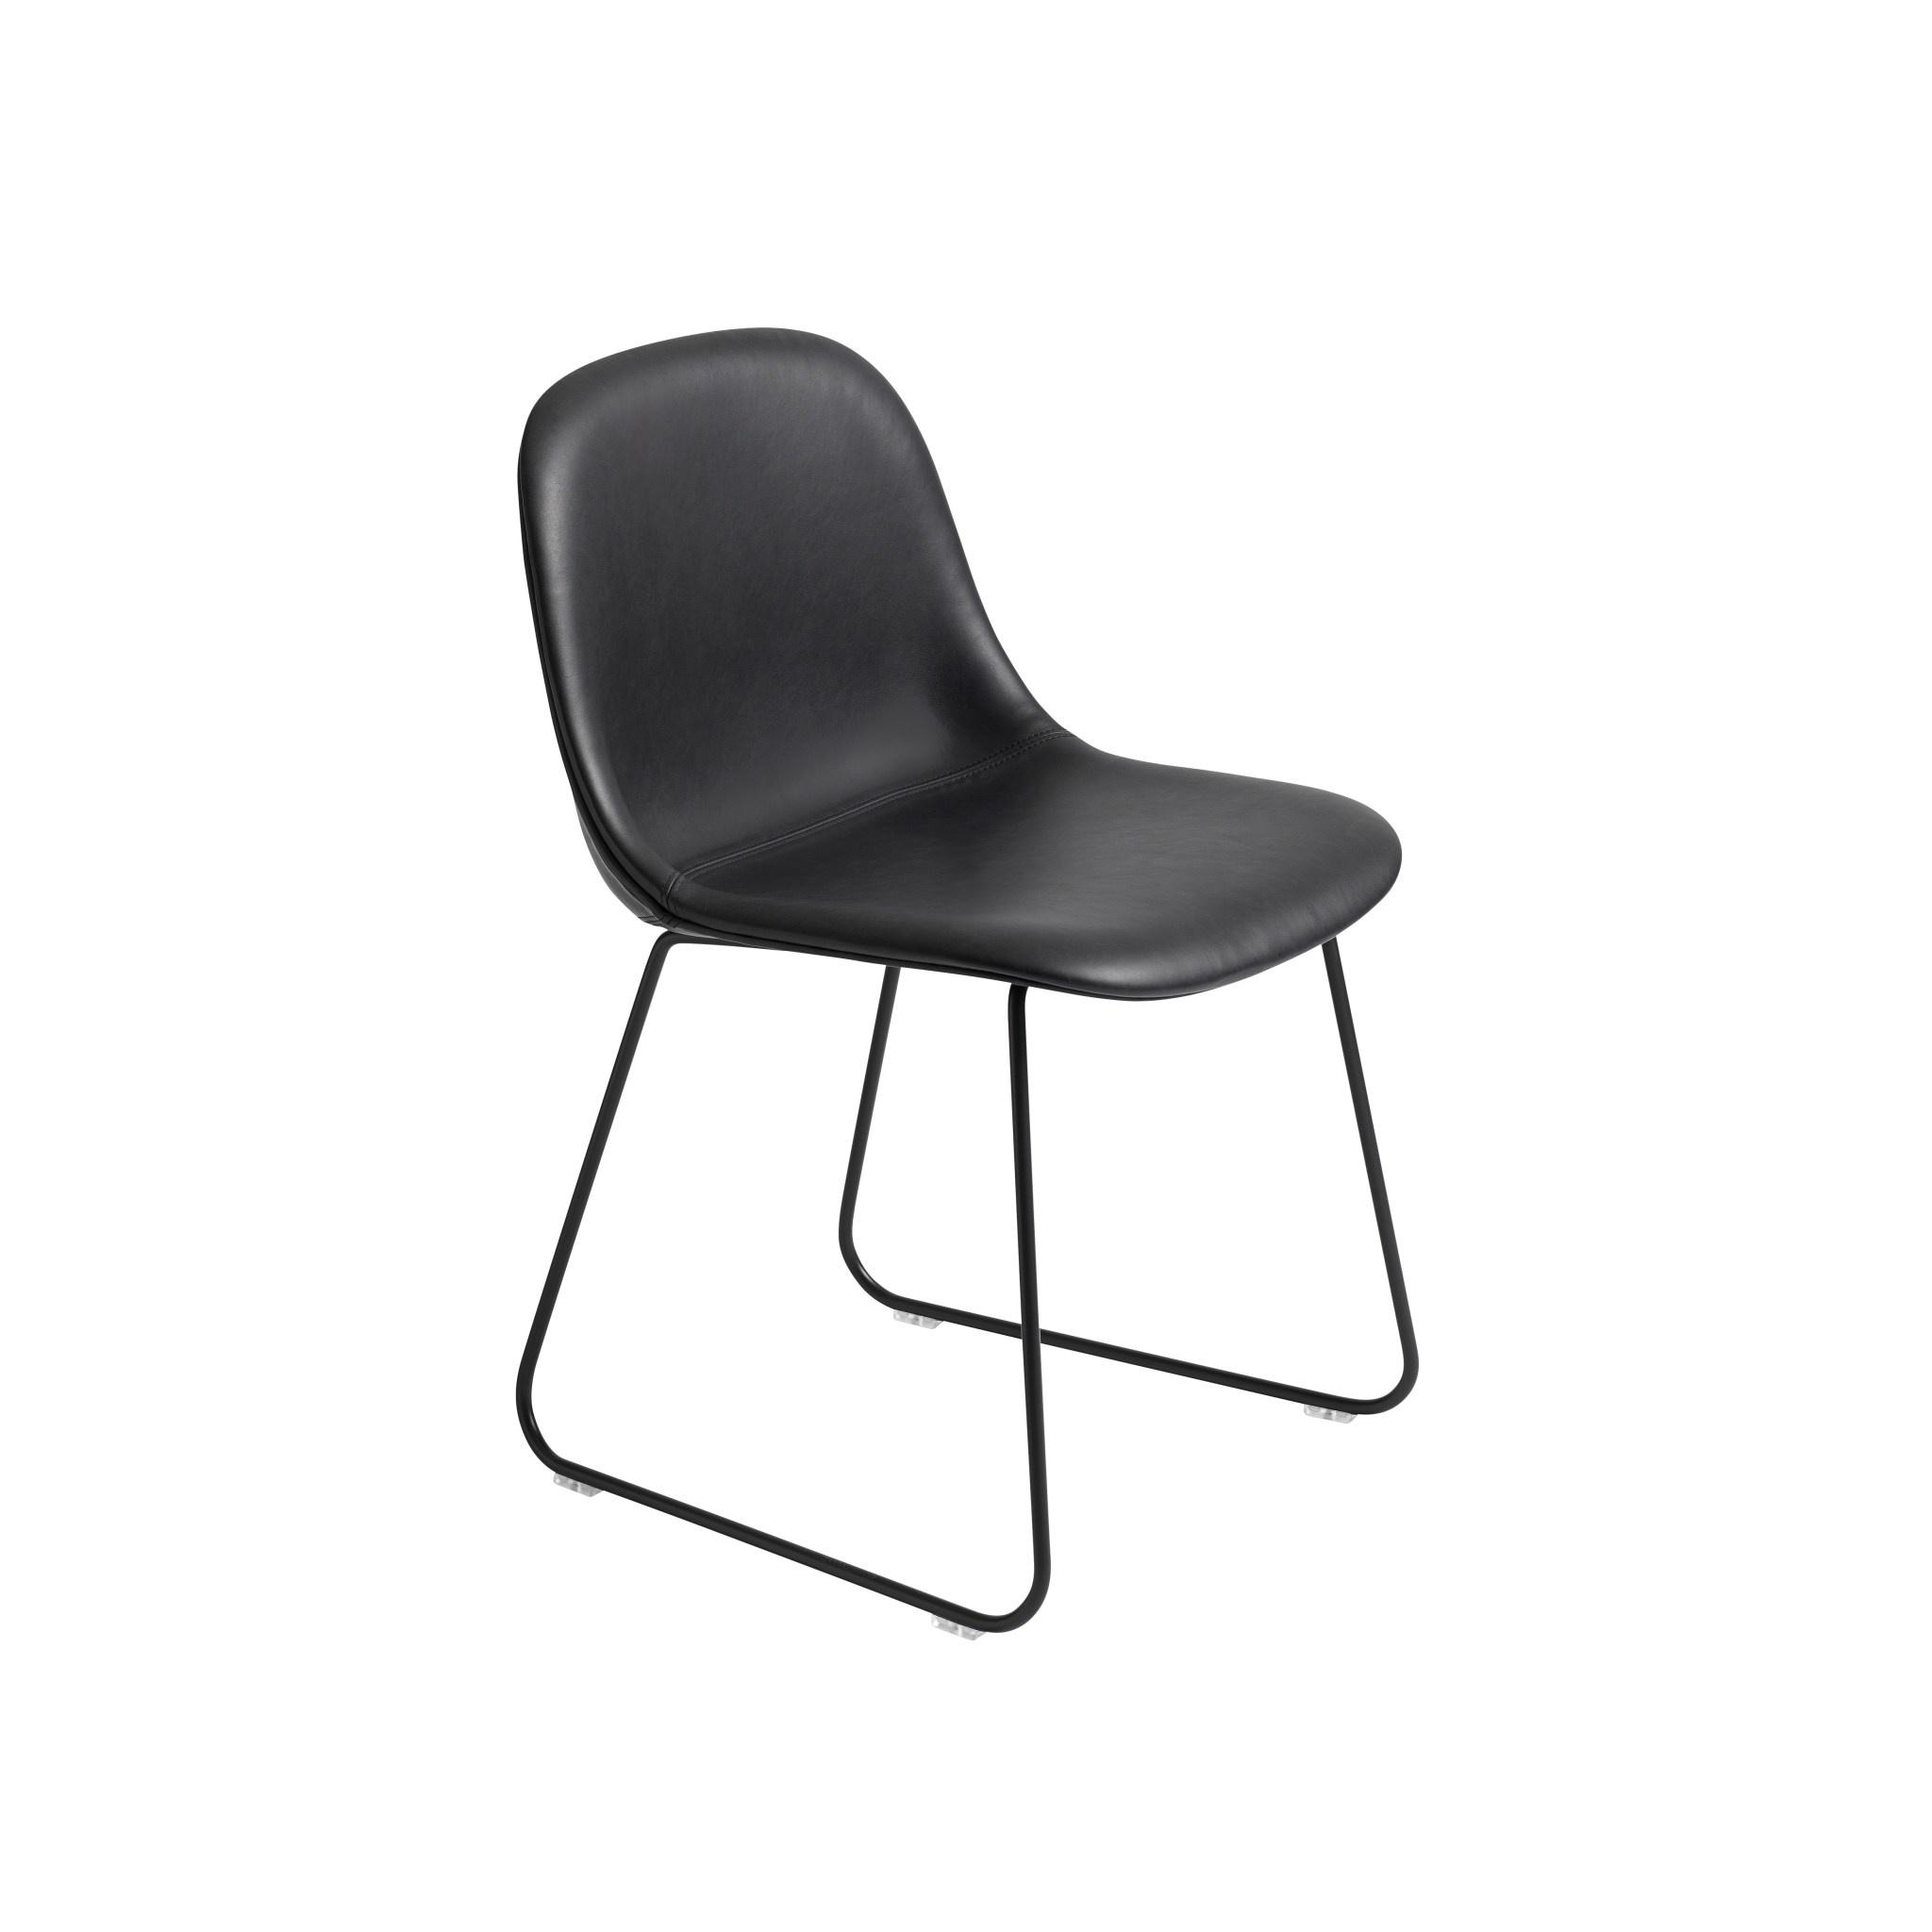 Fiber side chair sled base-8